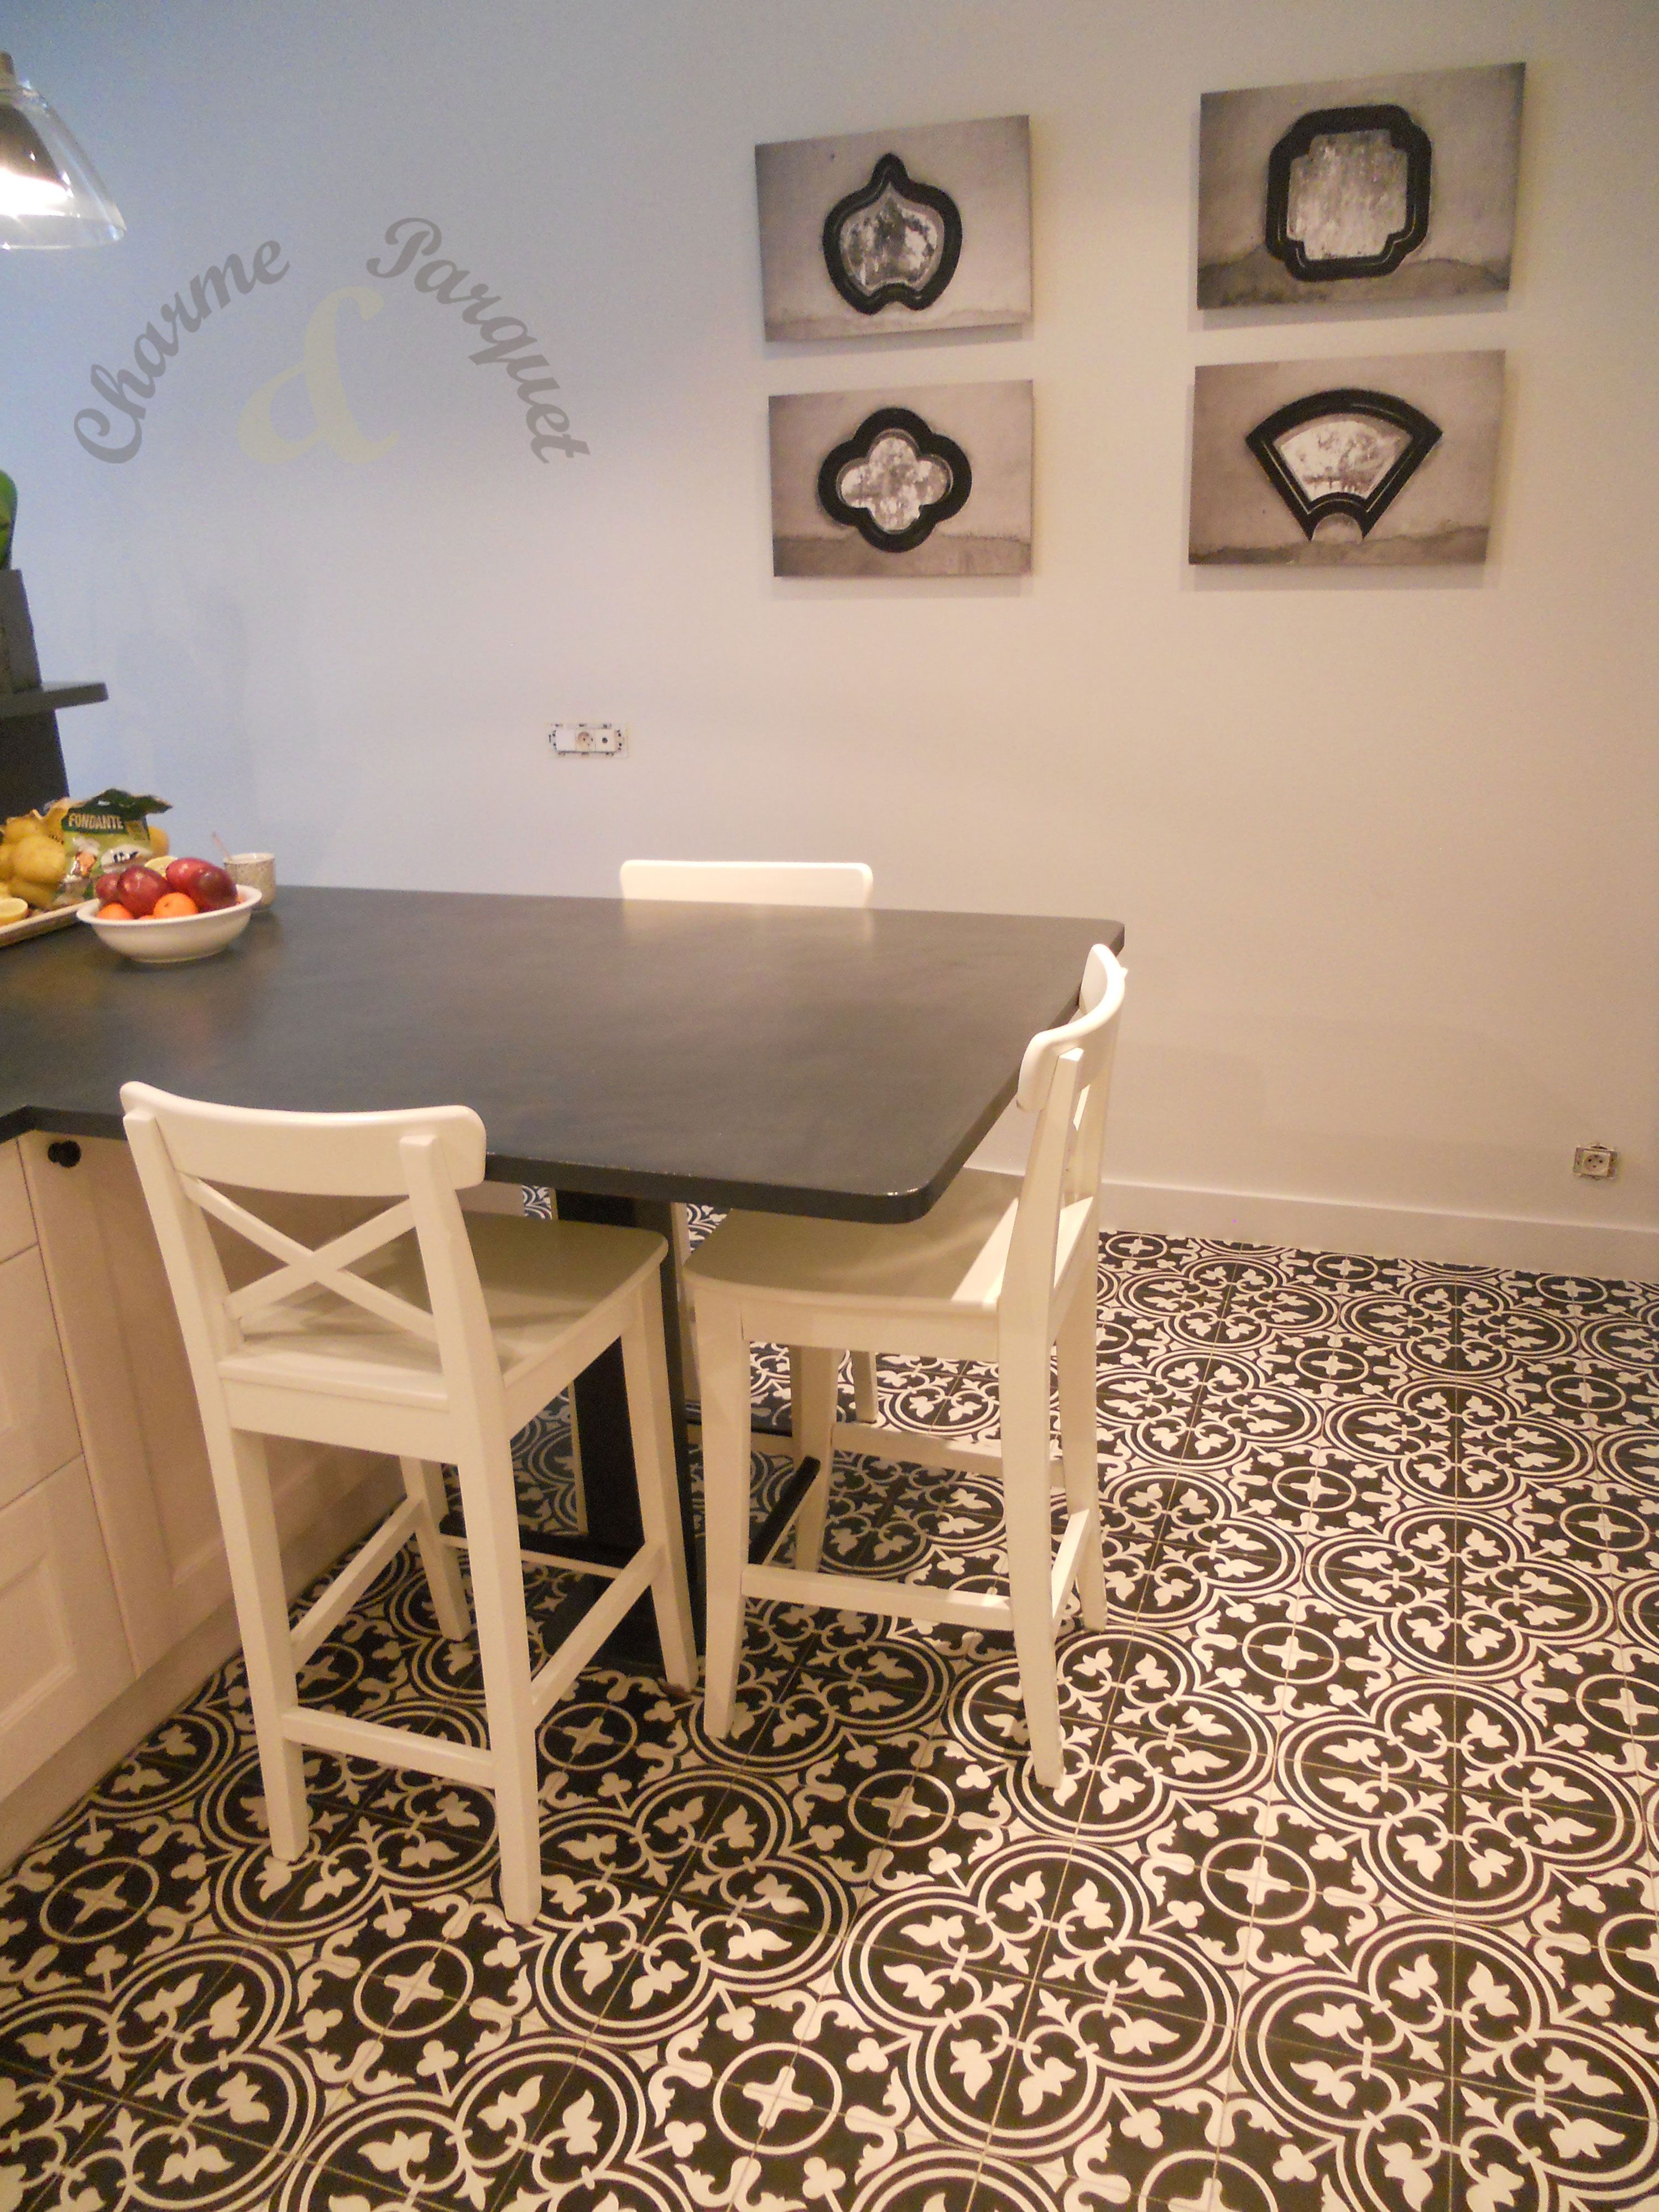 Carreaux De Ciment Dans Un Salon Modele Ef 07 1 Carreau De